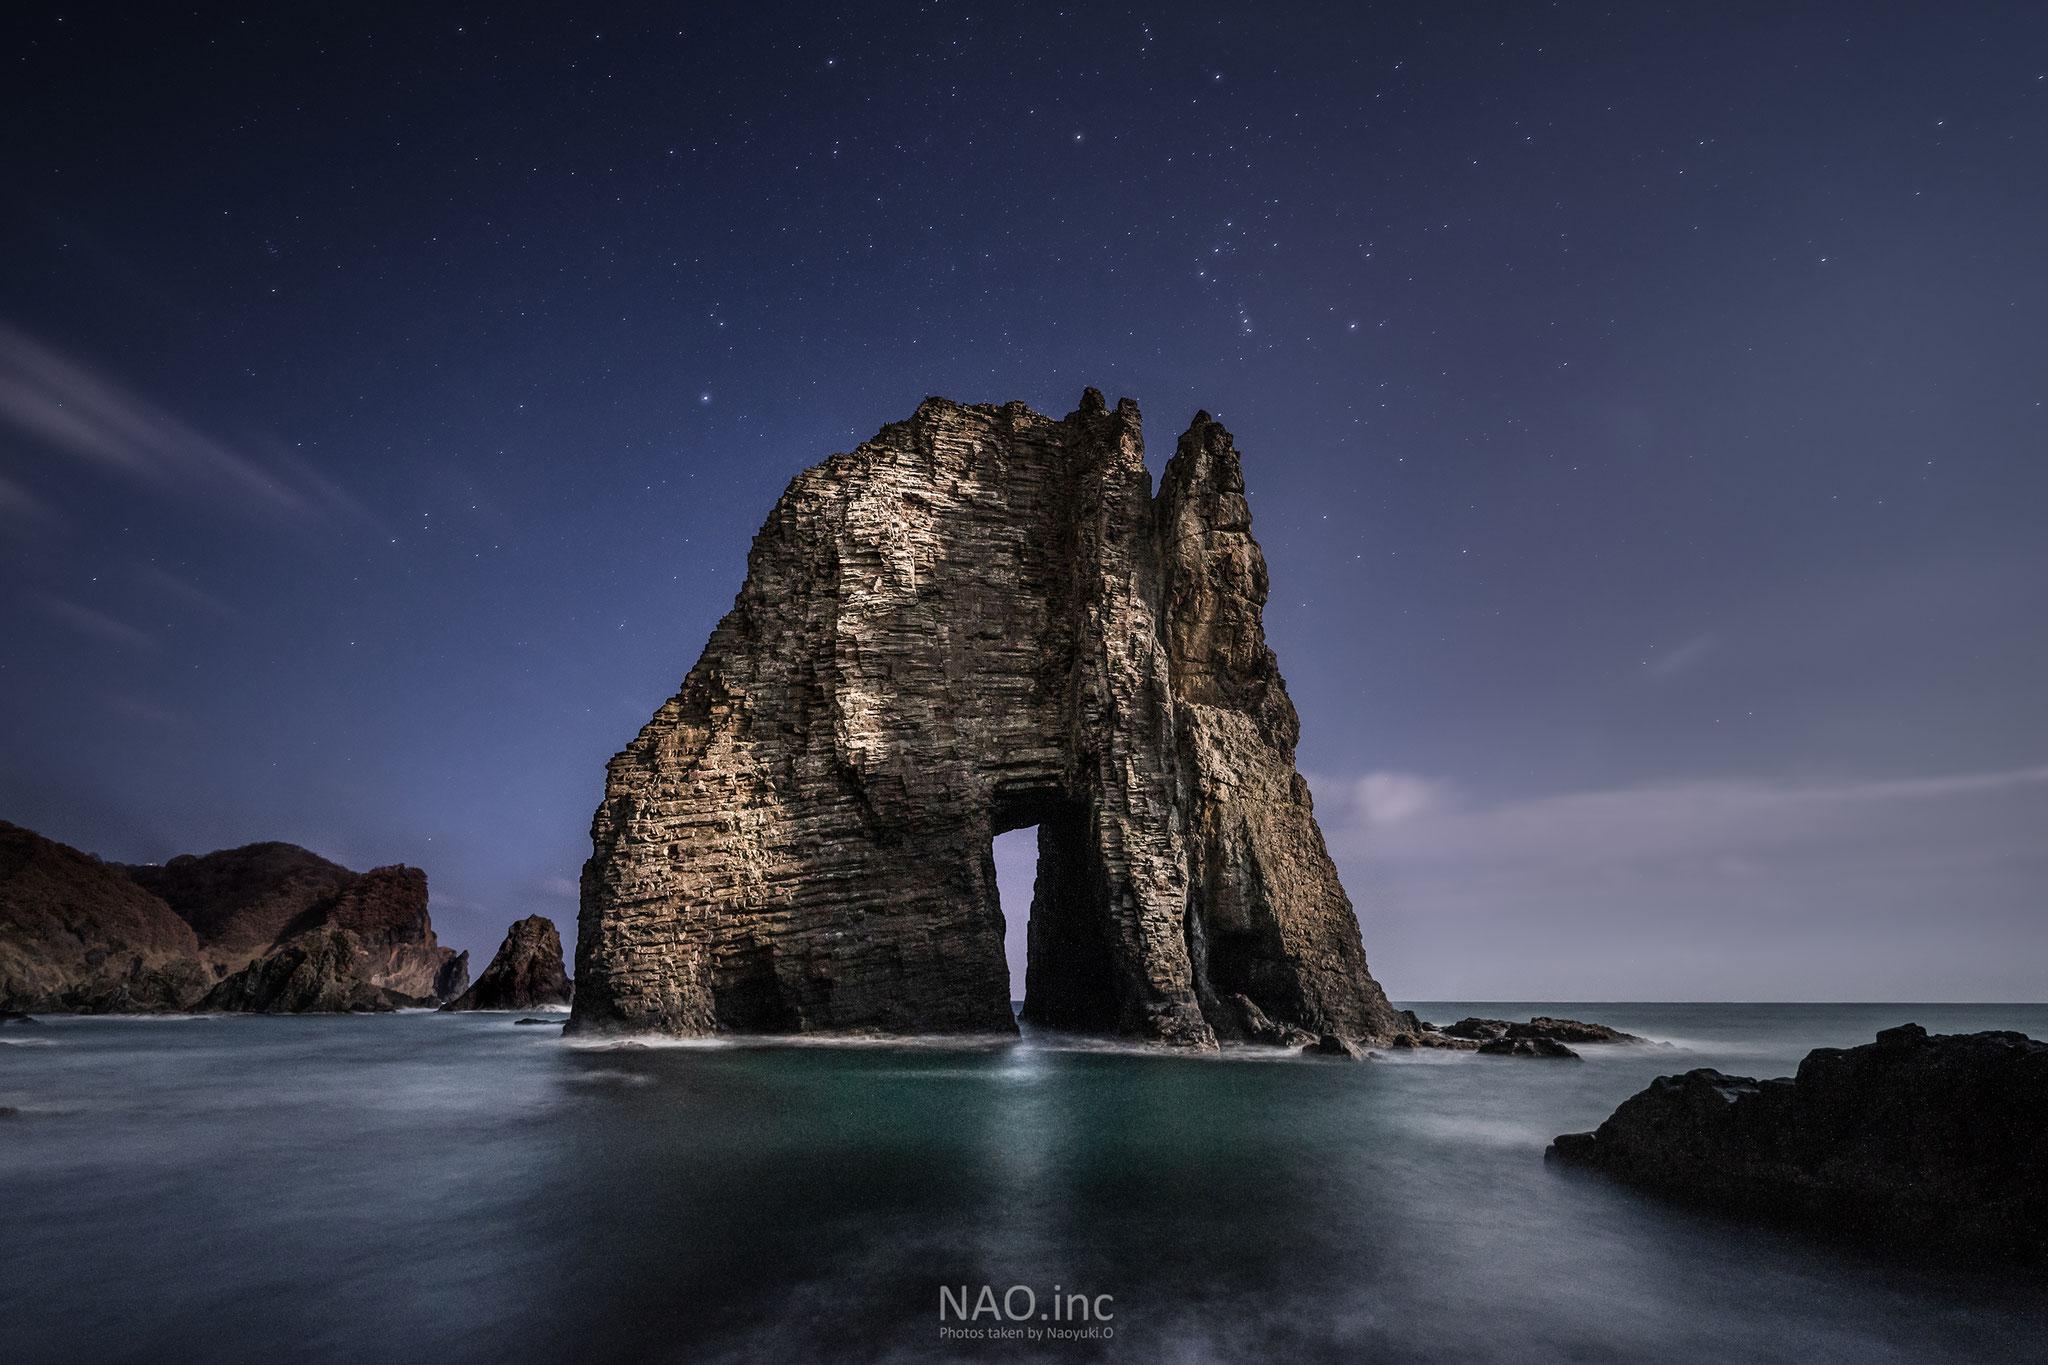 室蘭市。月に照らされて暗闇に浮かぶ奇岩「蓬莱門」